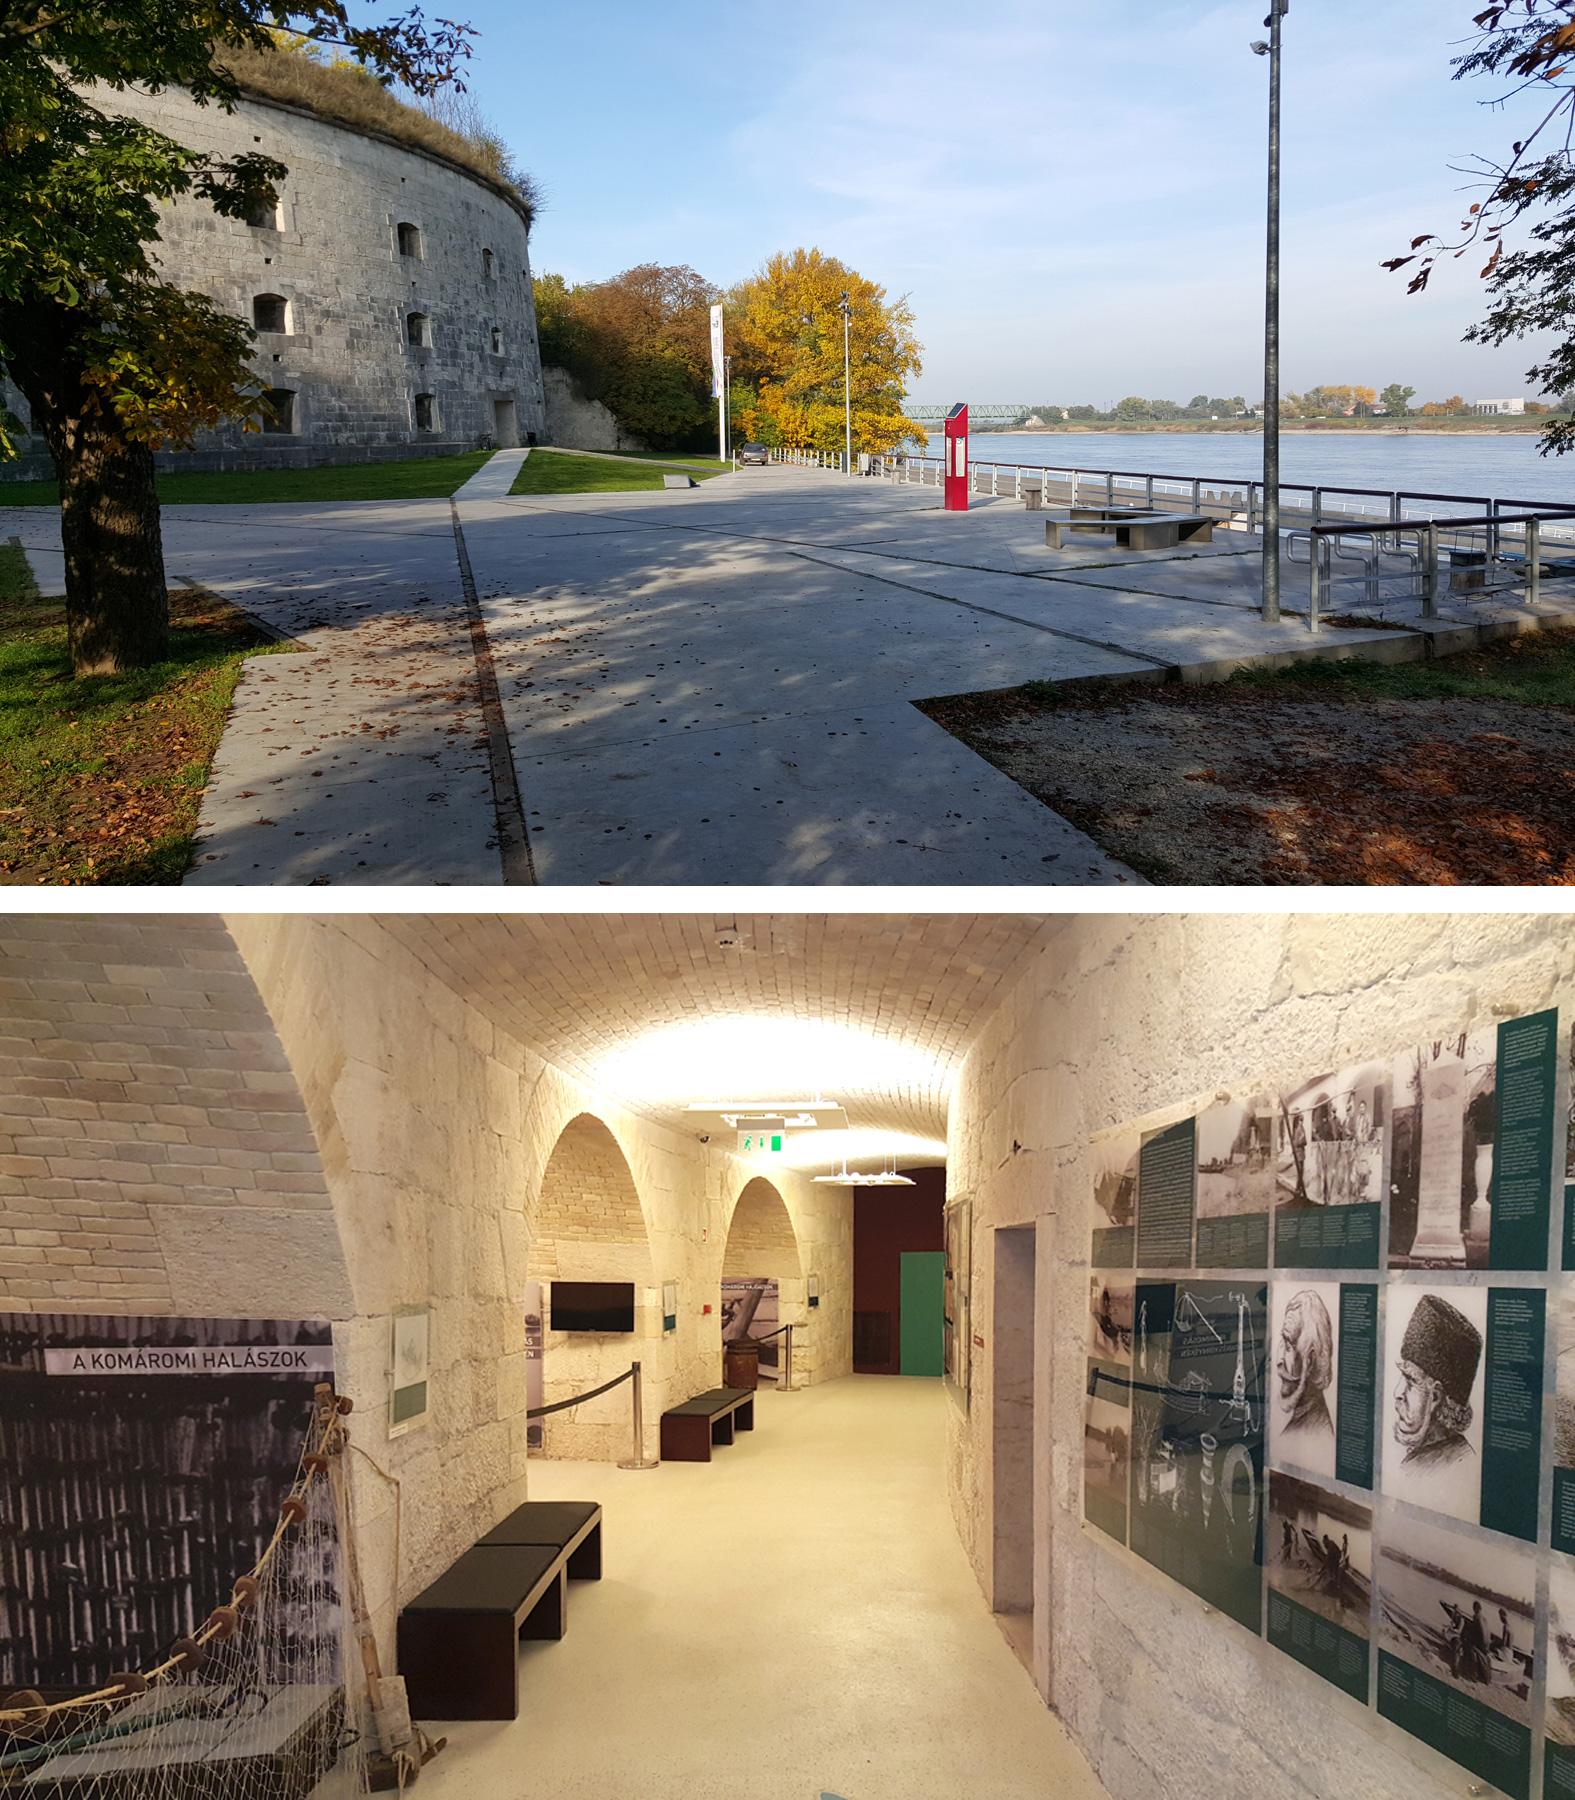 Komarom_Fort-Monostor_Donaubastion_DR.jpg